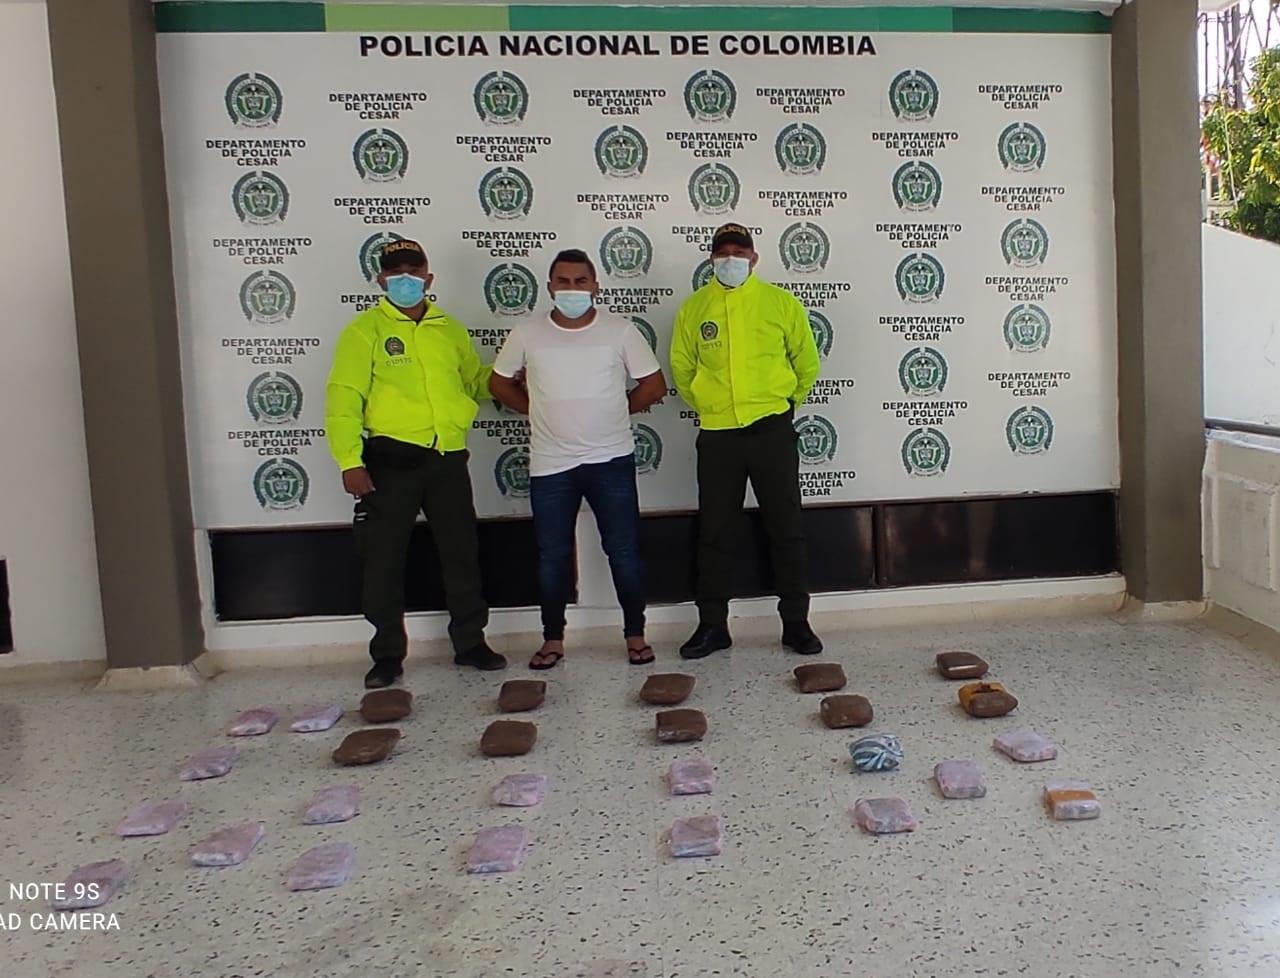 hoyennoticia.com, En Valledupar sacan de circulación 14.420 dosis de marihuana